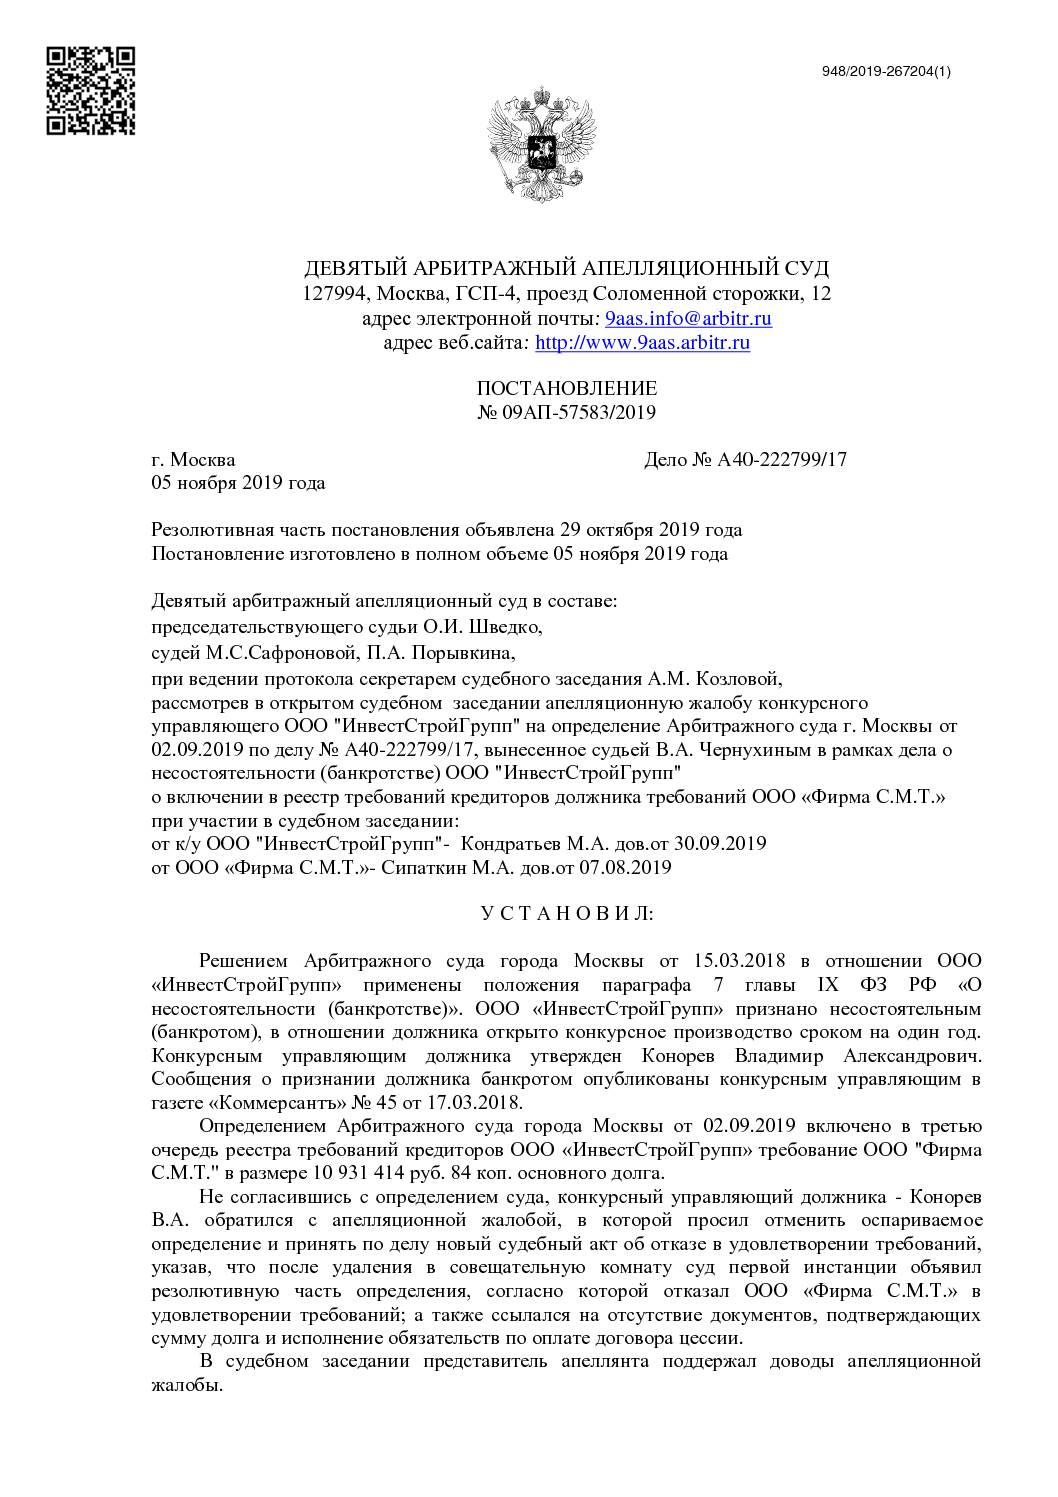 05.11_9-й апелляционный ООО Фимра С.М.Т.